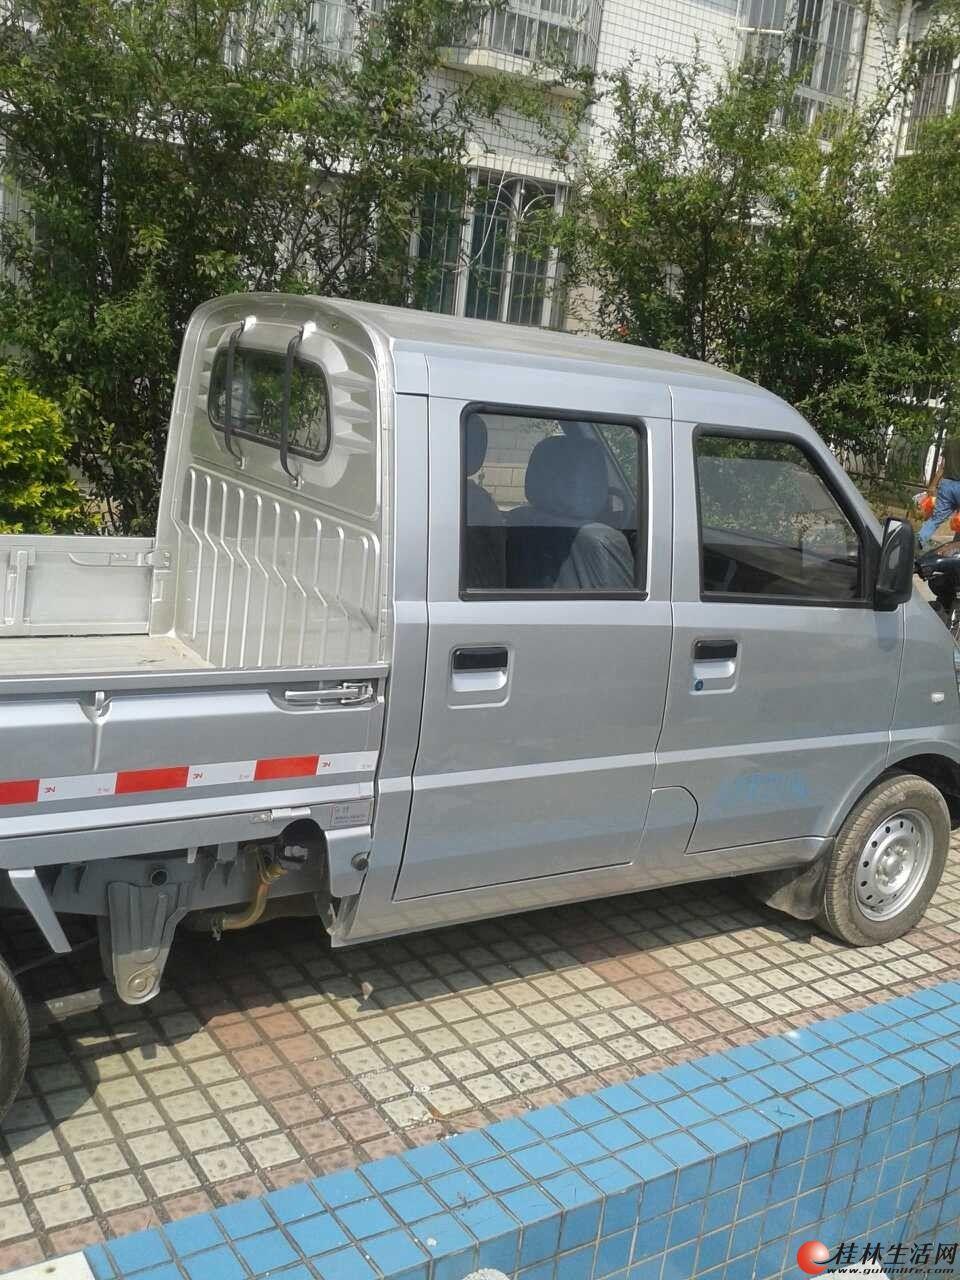 出售全新五菱荣光小卡双排1.5一辆-二手五菱荣光双排货车 二手五菱荣